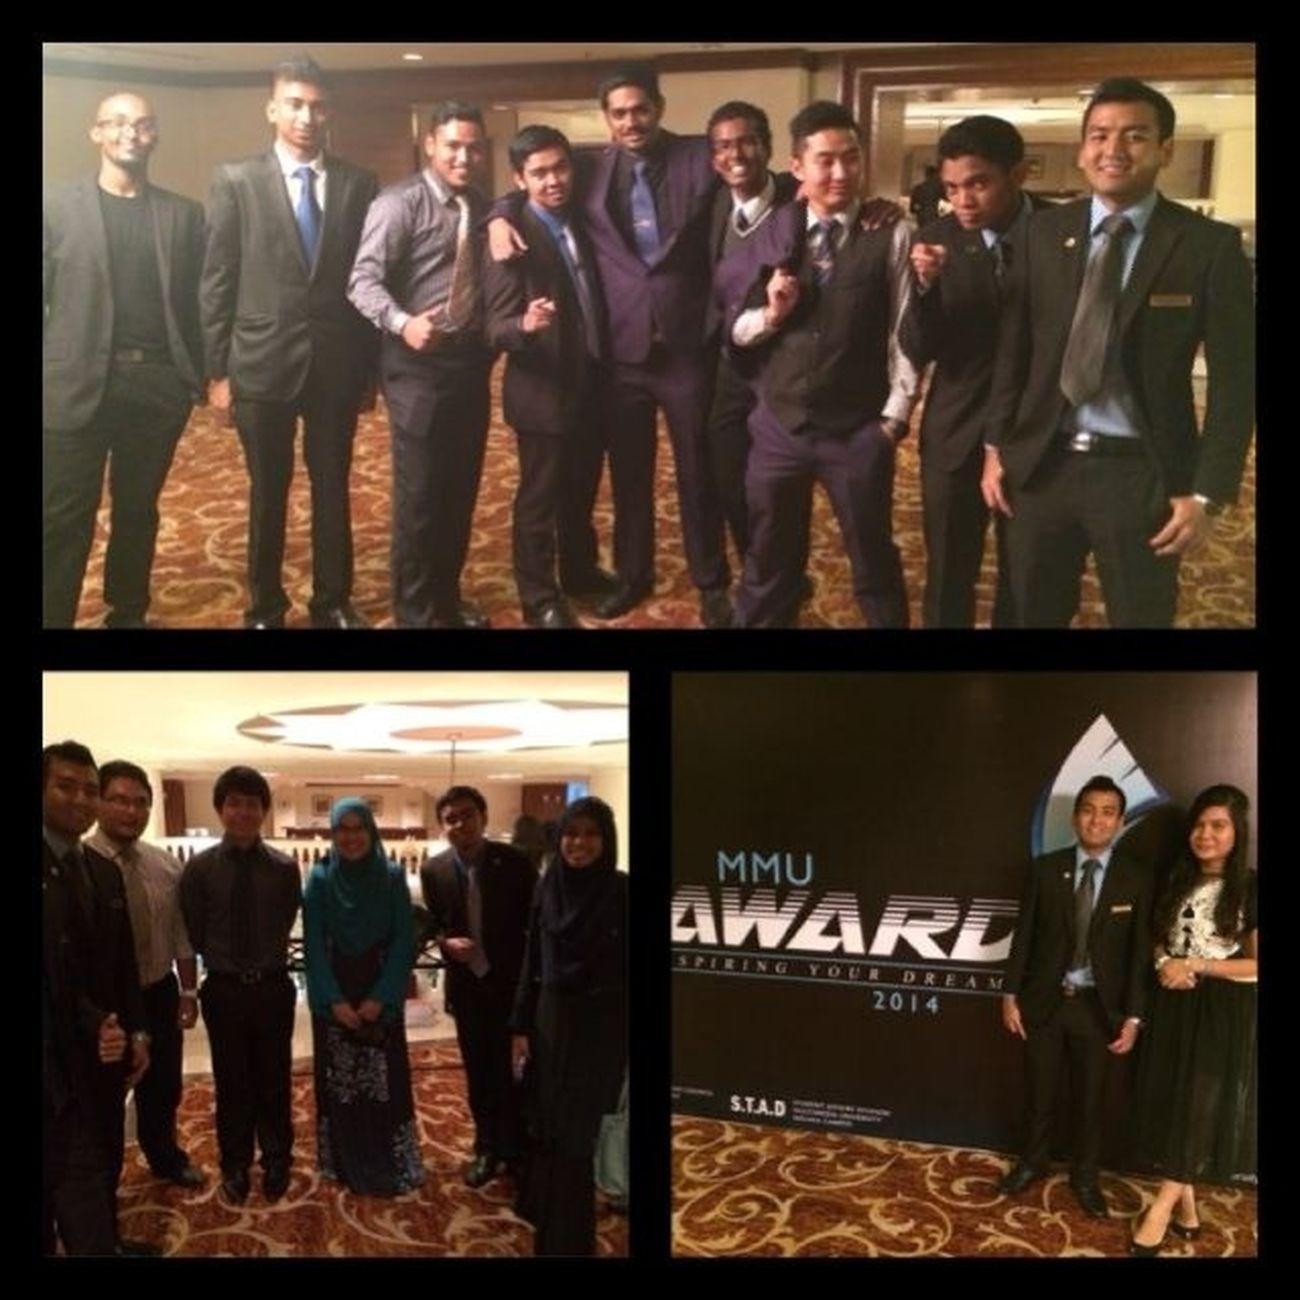 MMU Award SRC MMU